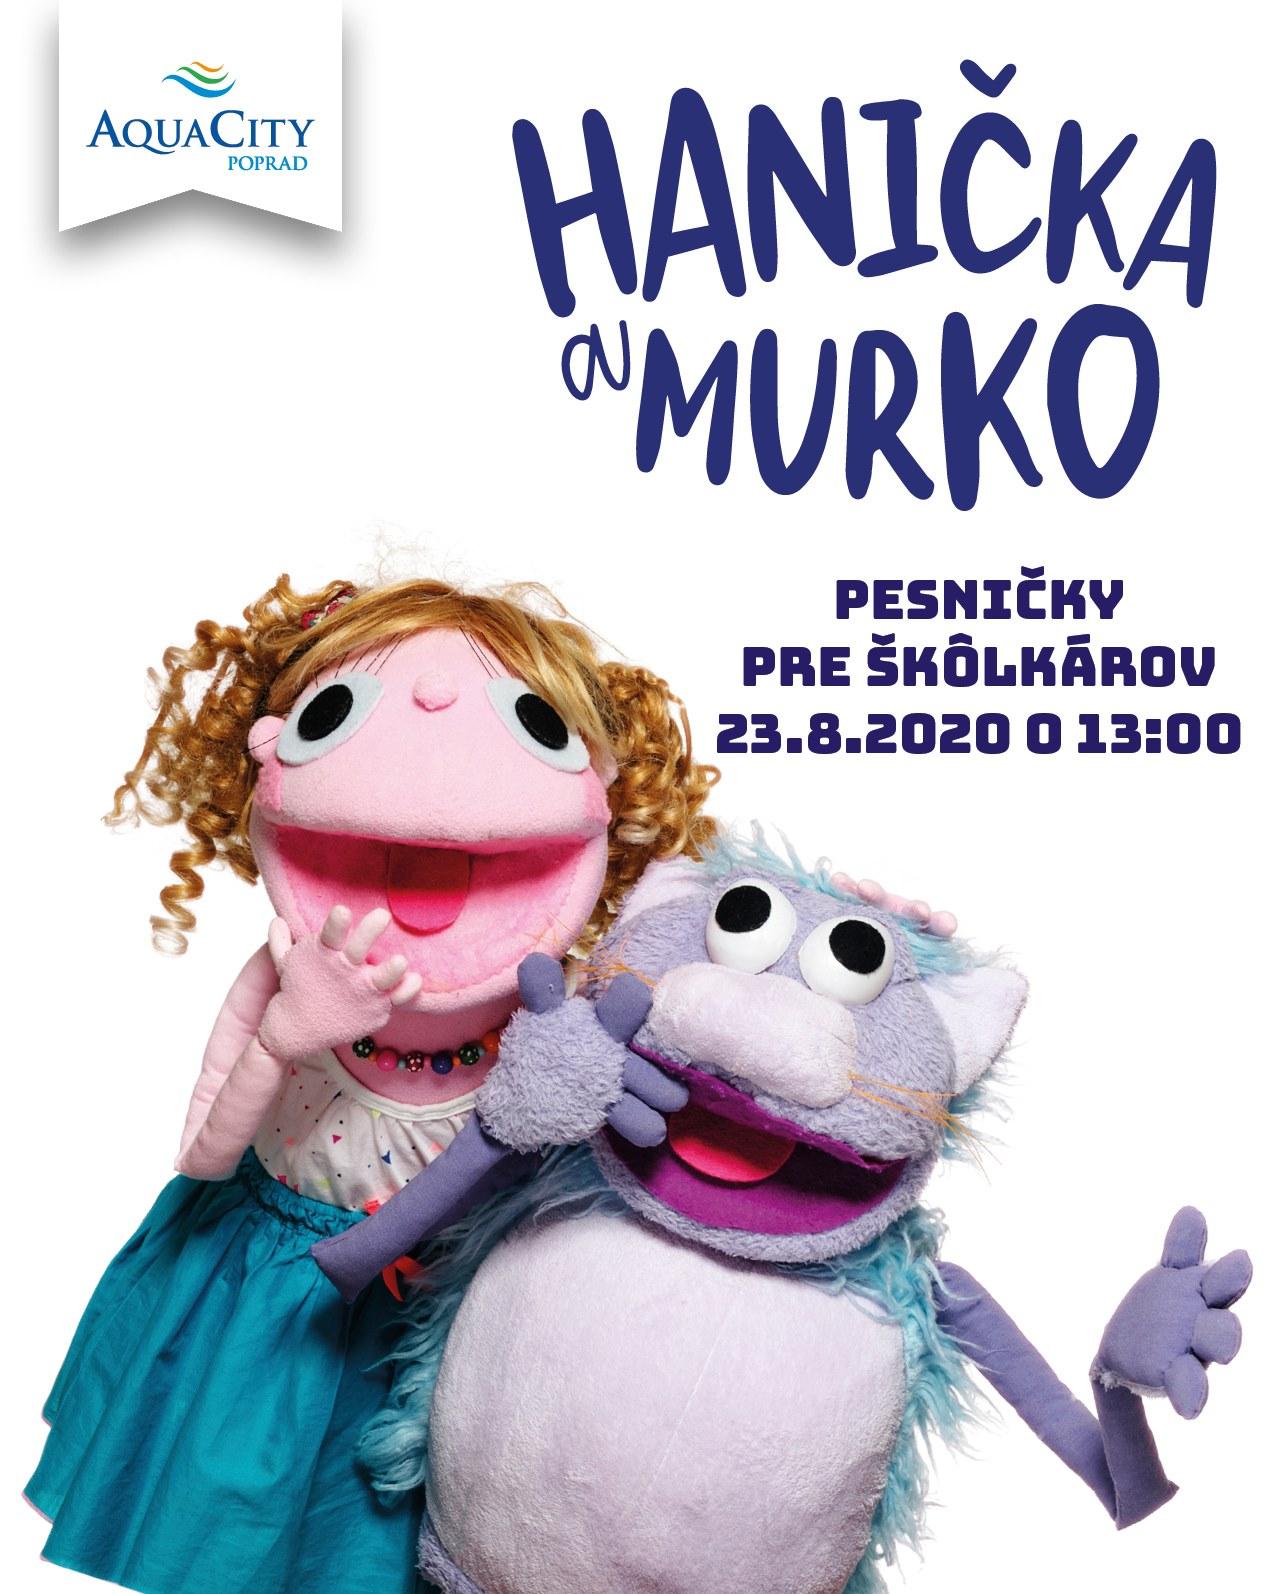 Hanička a Murko - pesničky pre škôlkárov AquaCity Poprad